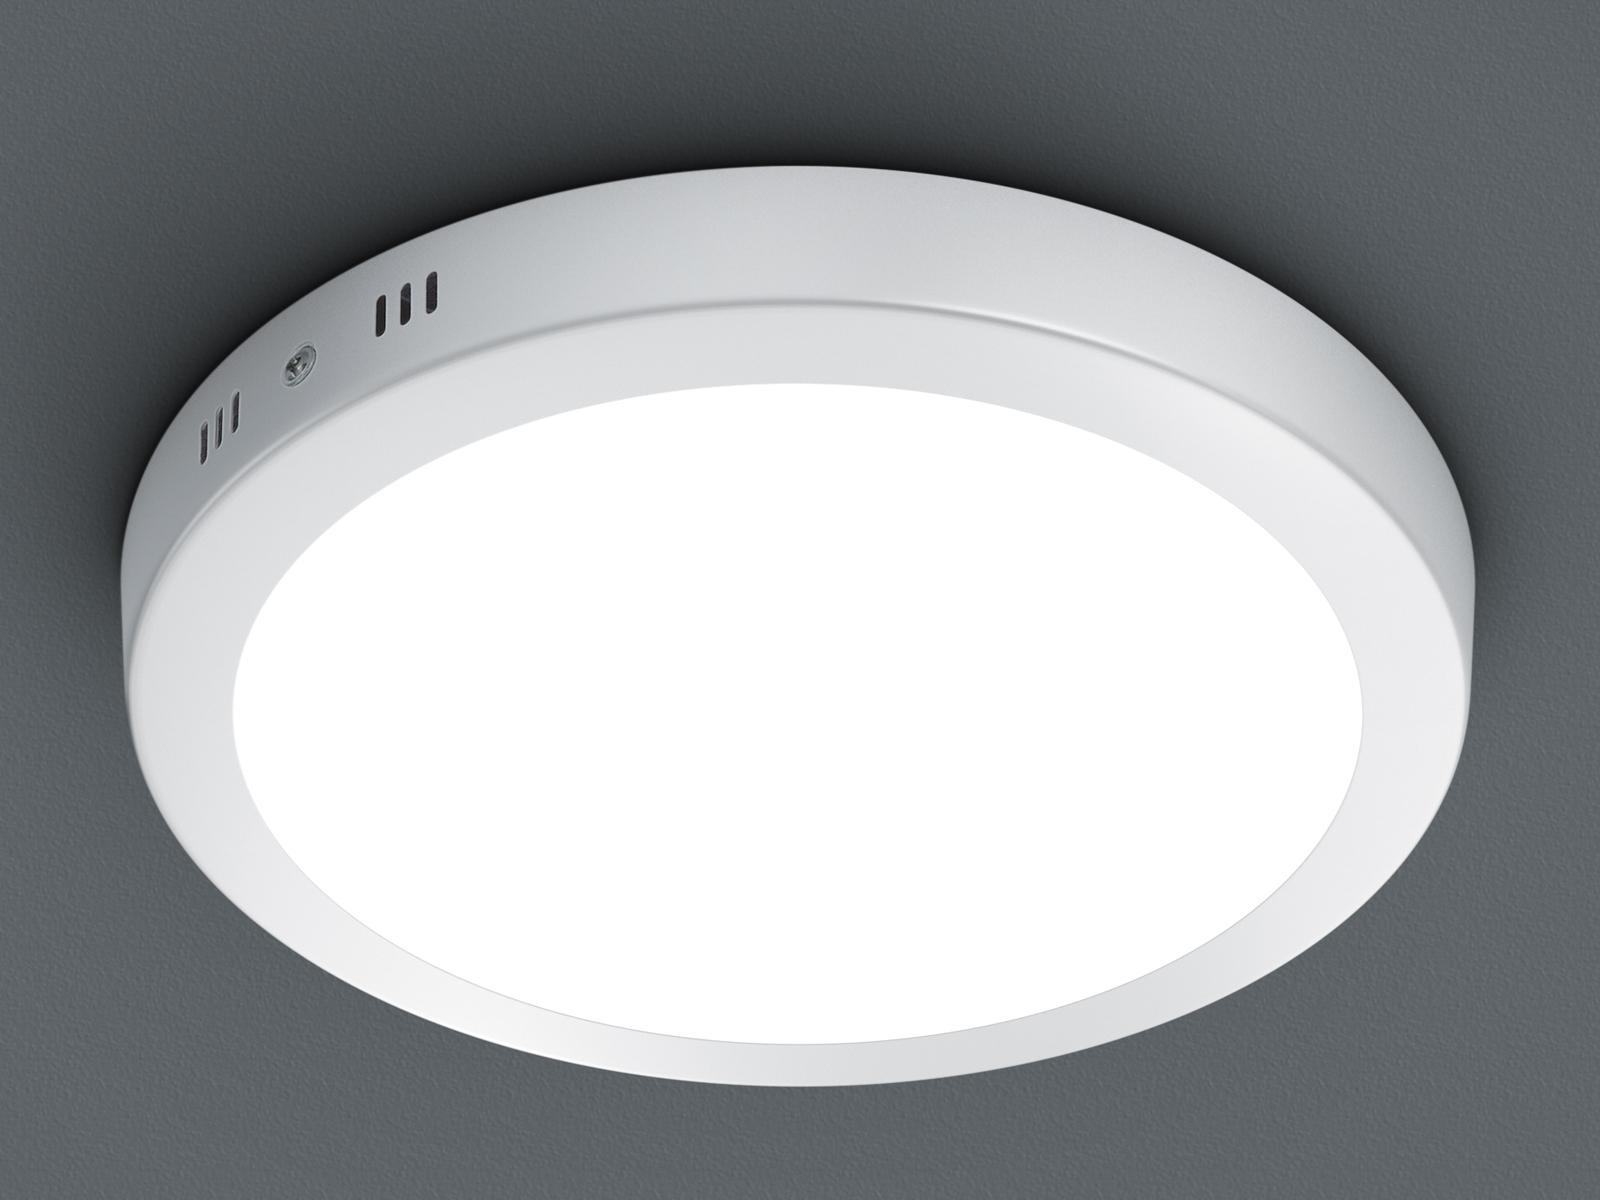 LED Deckenleuchte Deckenlampe ZEUS Aluminium Acryl weiß 22,5x22,5 cm